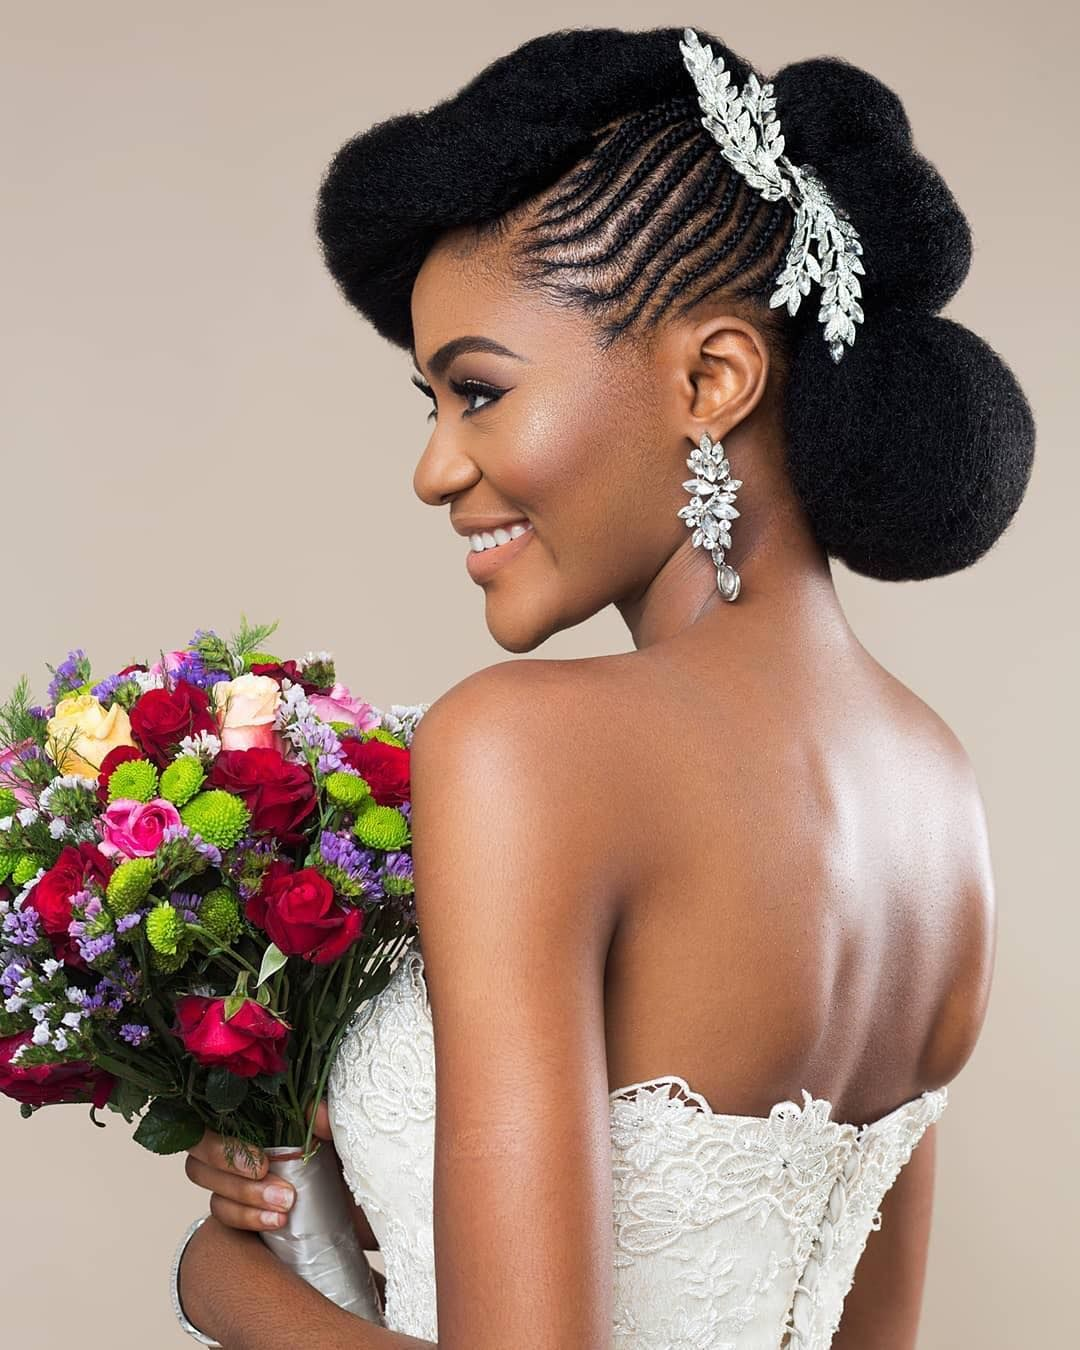 African Sweetheart Weddings On Instagram Team Natural Hair 1193 Nhs Makeup Ufelimaria Natural Hair Bride Hair Styles Wedding Hairstyles